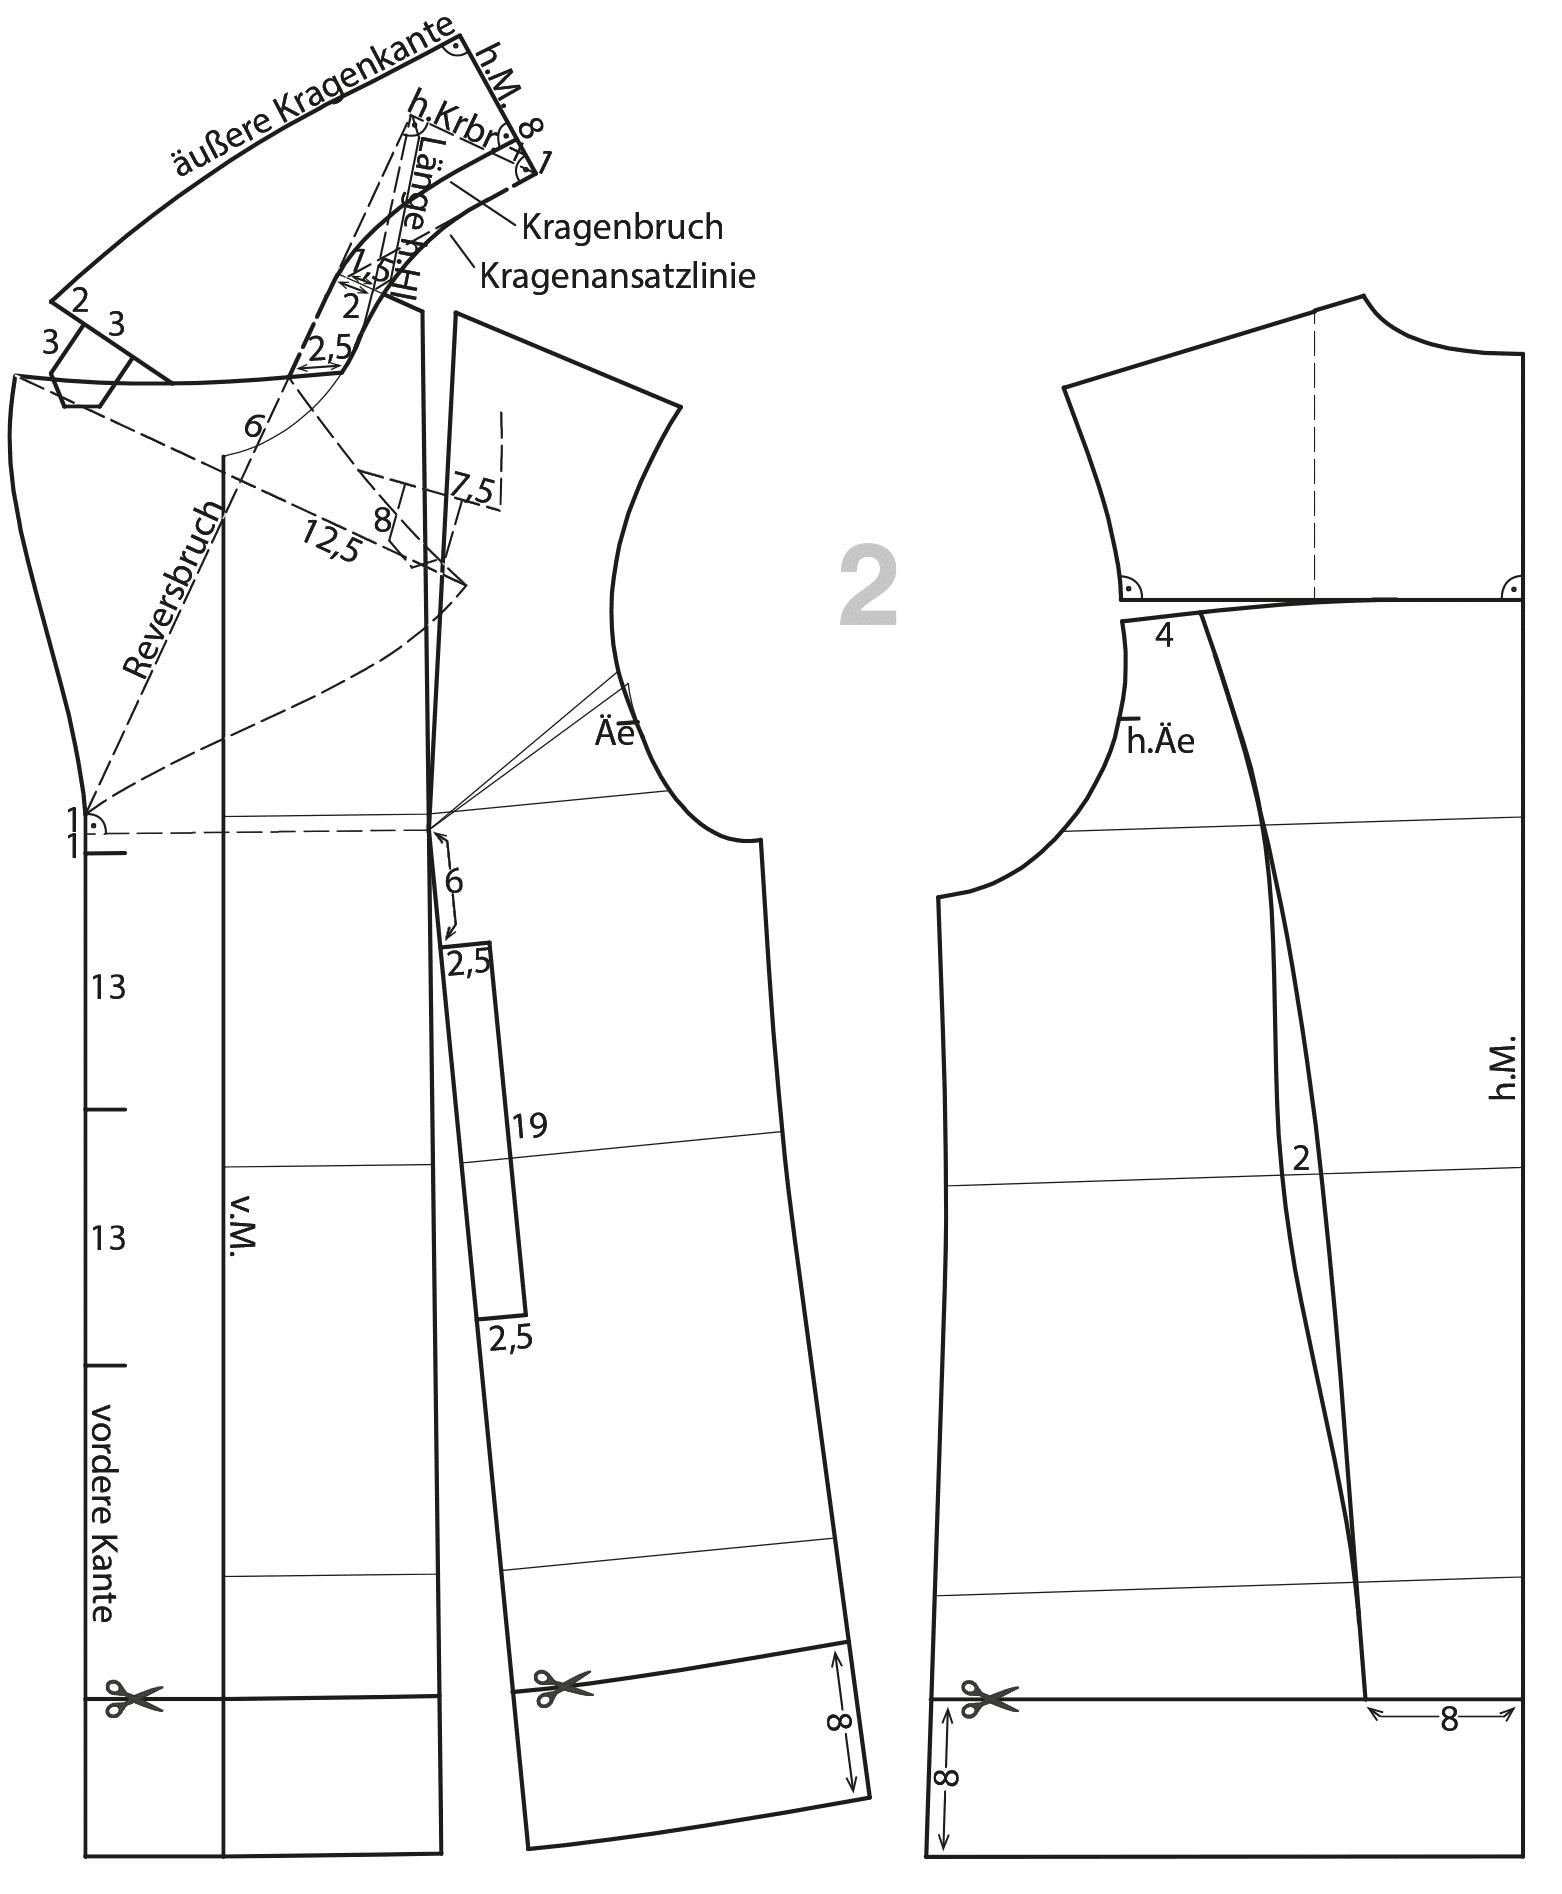 Die Schnittkonstruktion einer Cabanjacke mit Kragenanlage ist abgebildet und beschrieben.